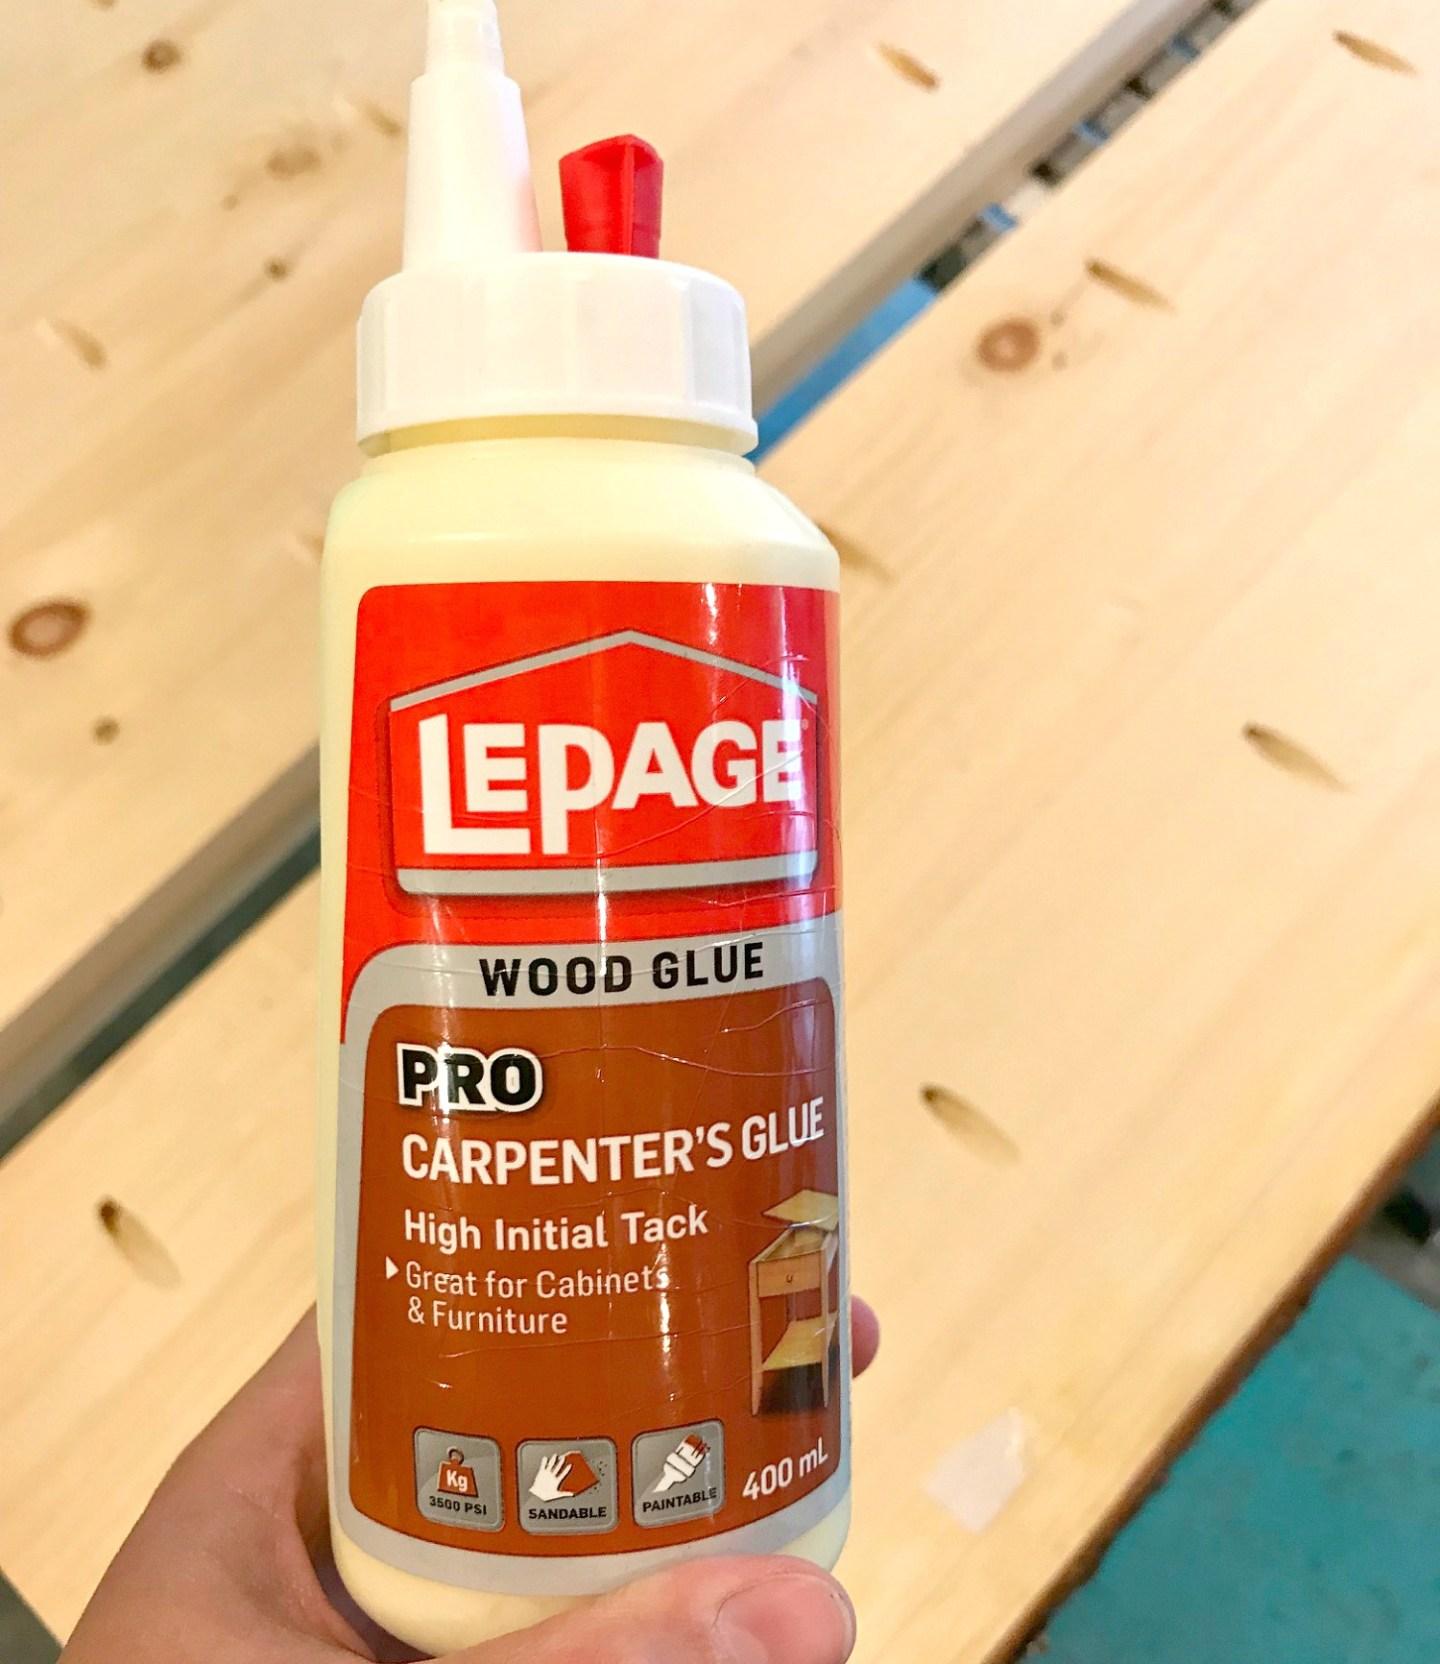 LePage Wood Glue